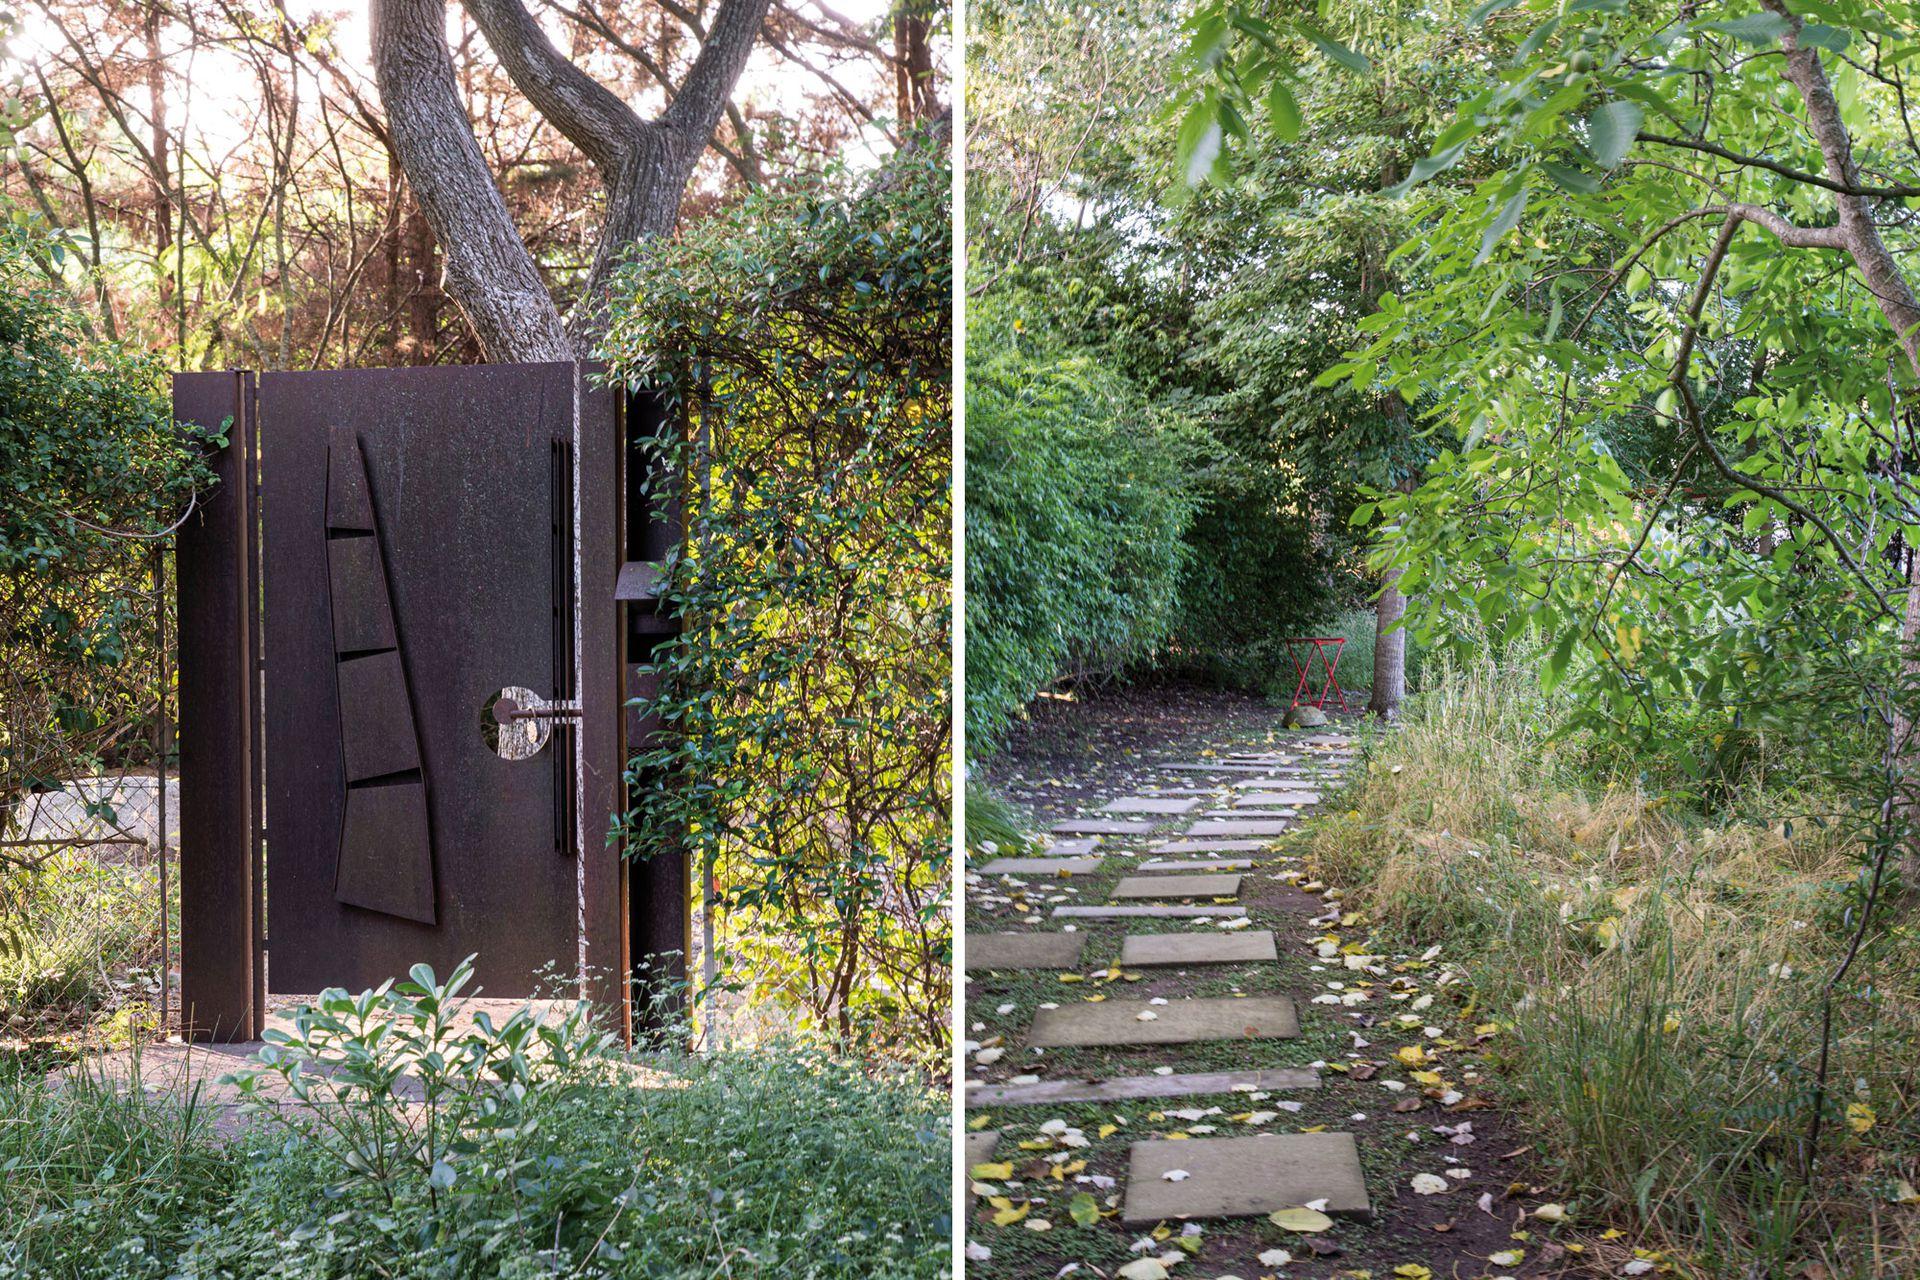 A la izquierda, el acceso secundario a la propiedad. A la derecha, sendero con baldosas y durmientes cementicios premoldeados.